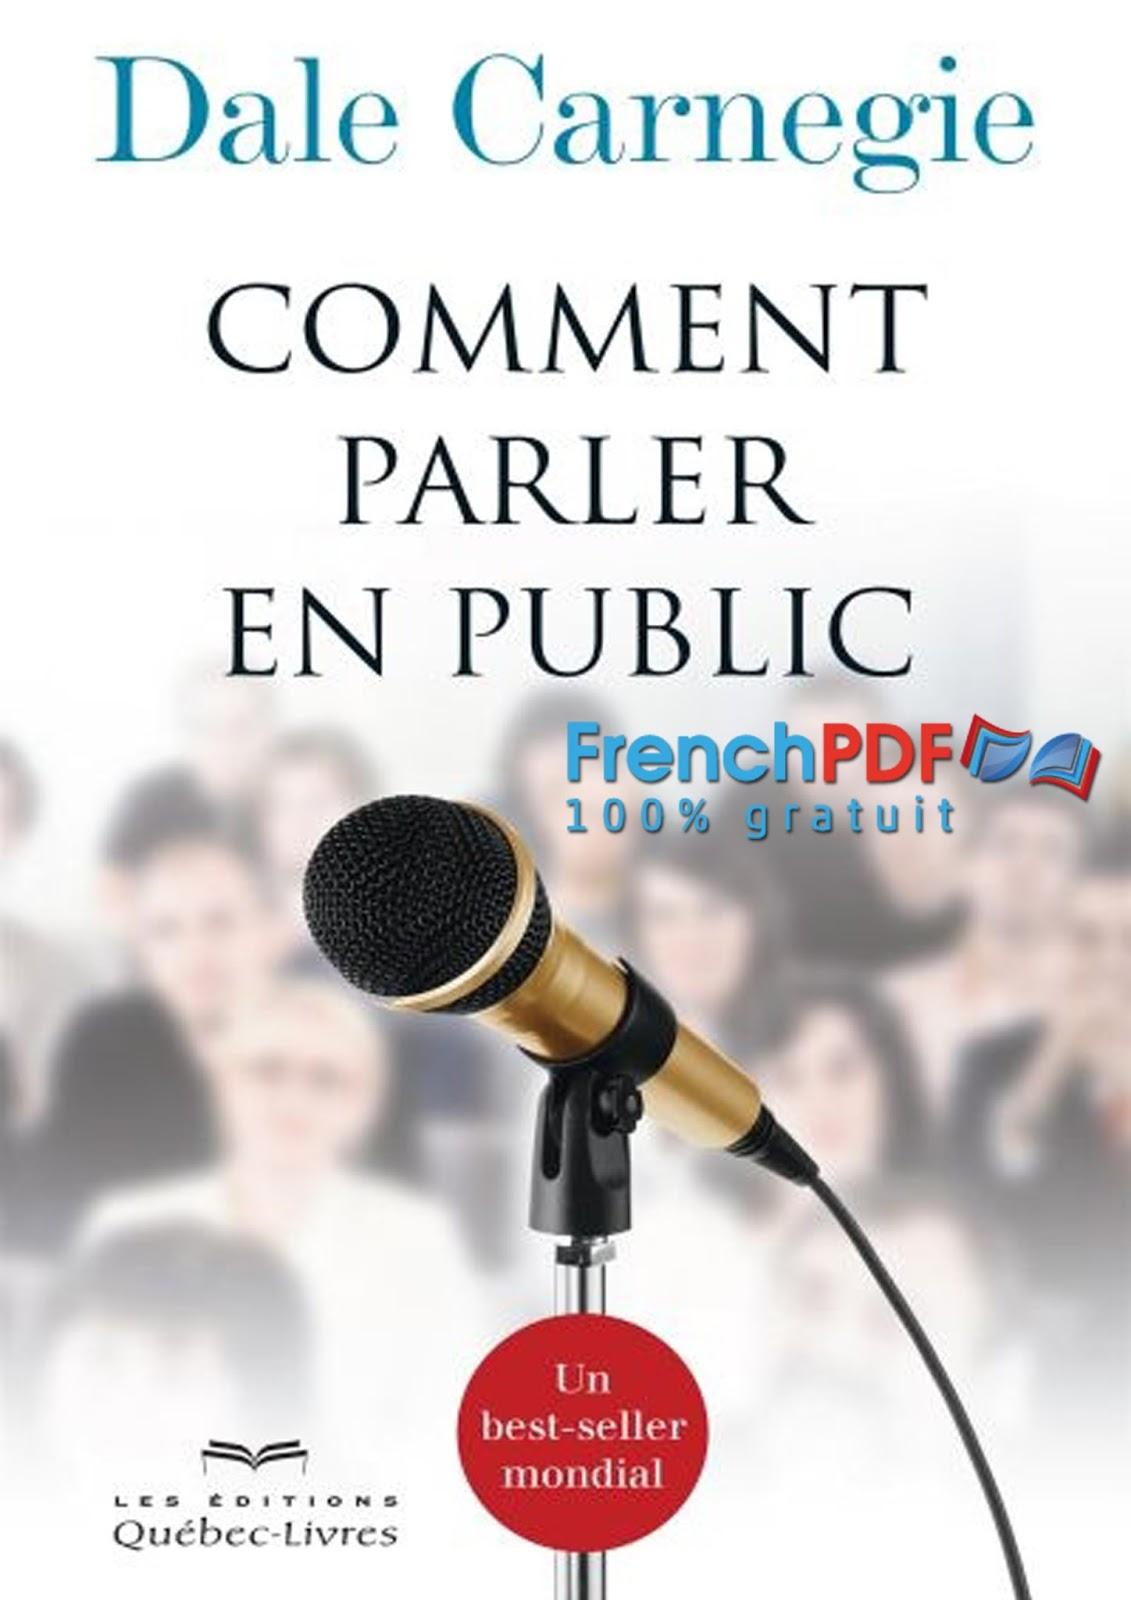 DALE EN PUBLIC PARLER TÉLÉCHARGER PDF GRATUIT CARNEGIE COMMENT